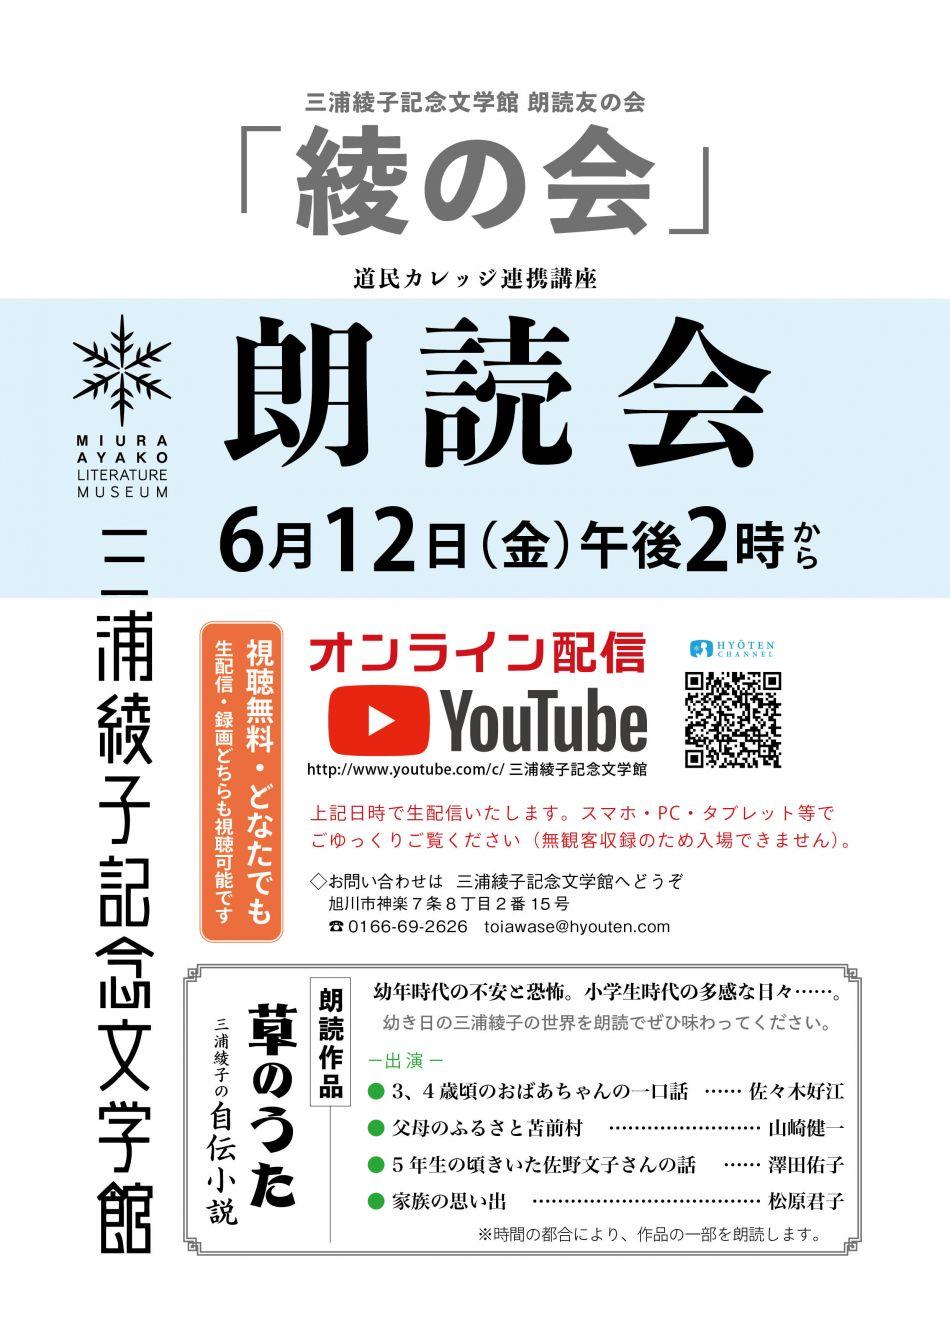 2020年6月12日「綾の会」朗読会生配信のお知らせ